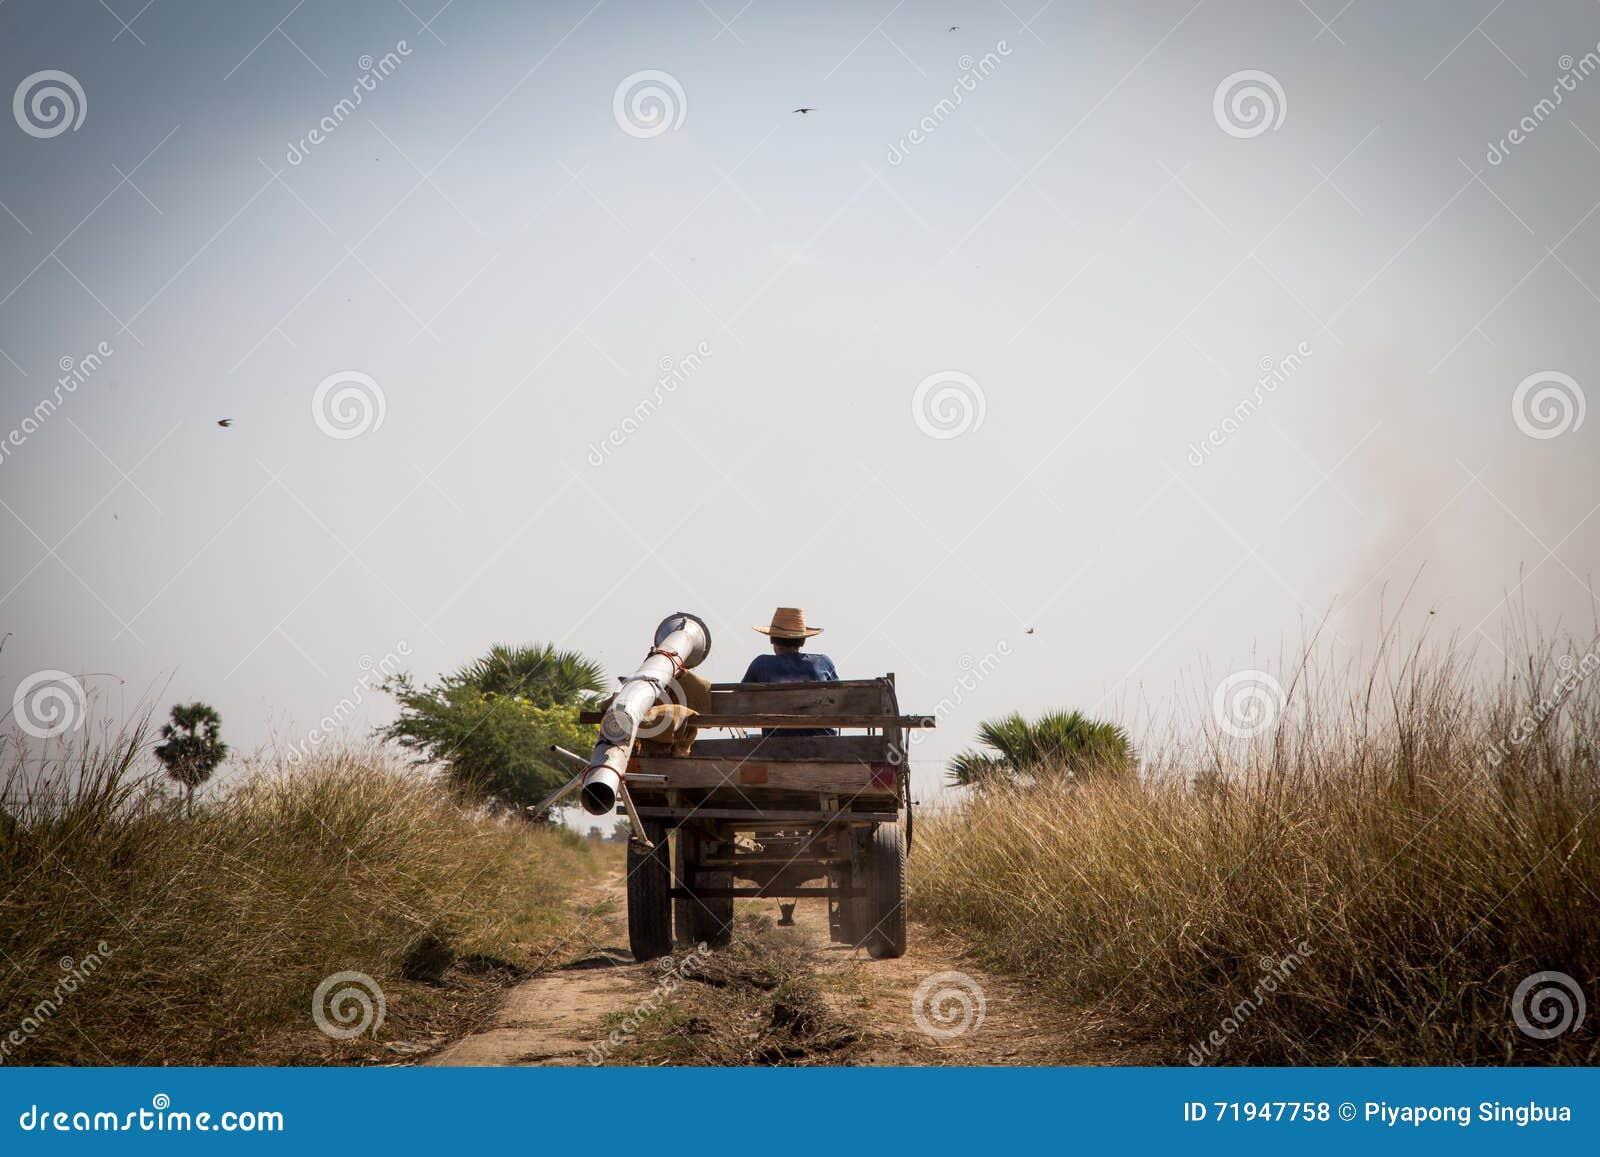 Фермер идет назад домой после трудной работы на сером небе